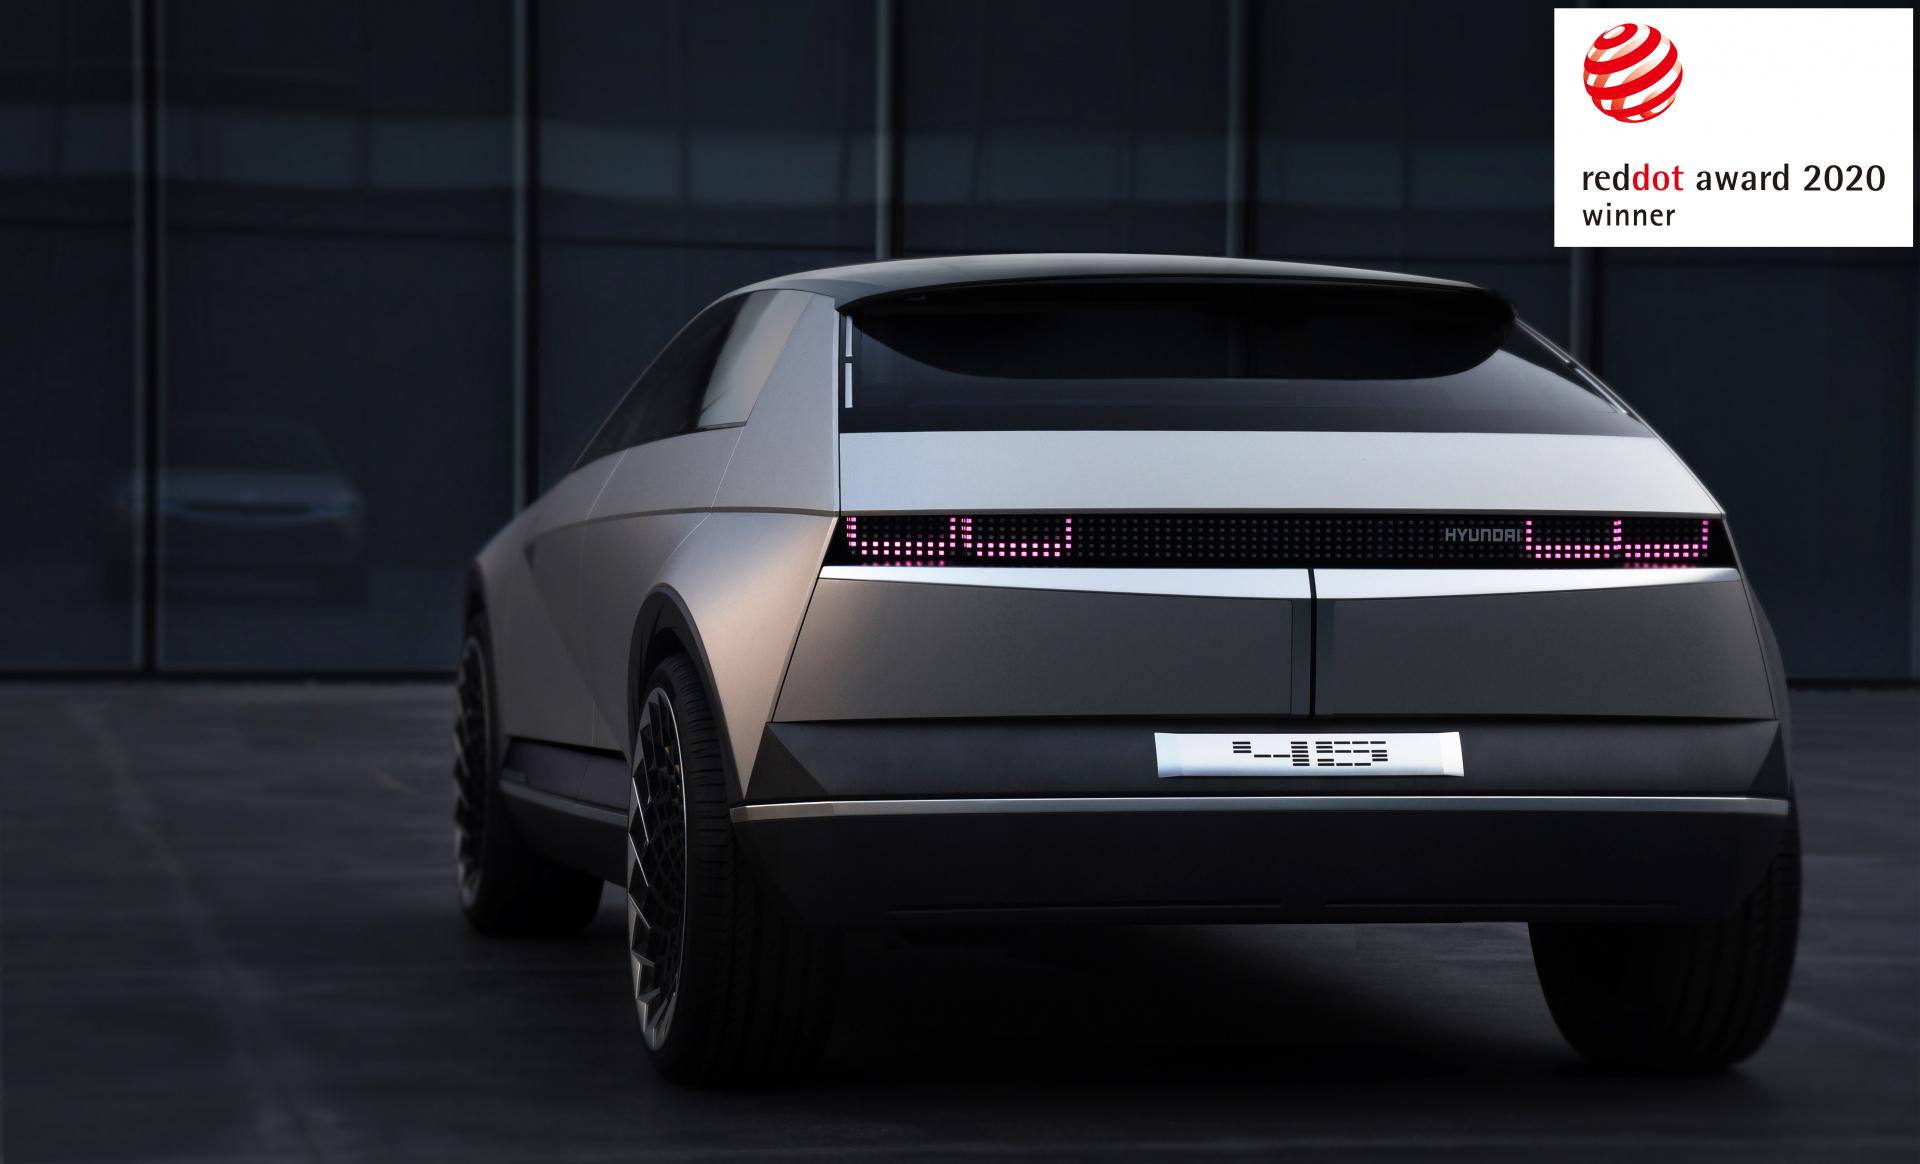 Компанія Hyundai Motor отримала три нагороди Red Dot Award 2020 за концептуальний дизайн | Авто Лідер Захід - фото 10